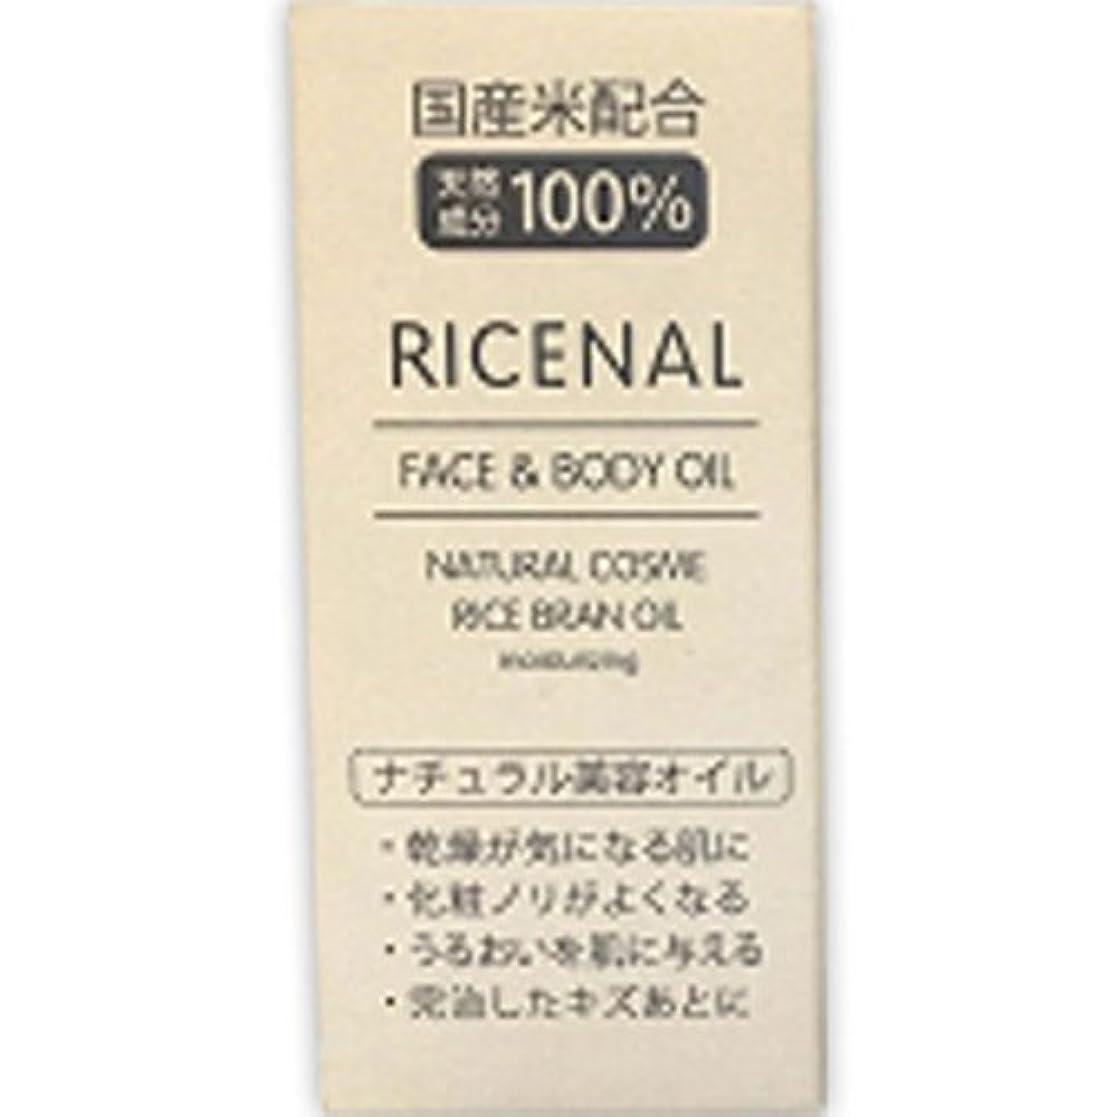 チャールズキージング差別化する巻き戻すリセナル 美容オイル ミニサイズ (無香料) 20mL